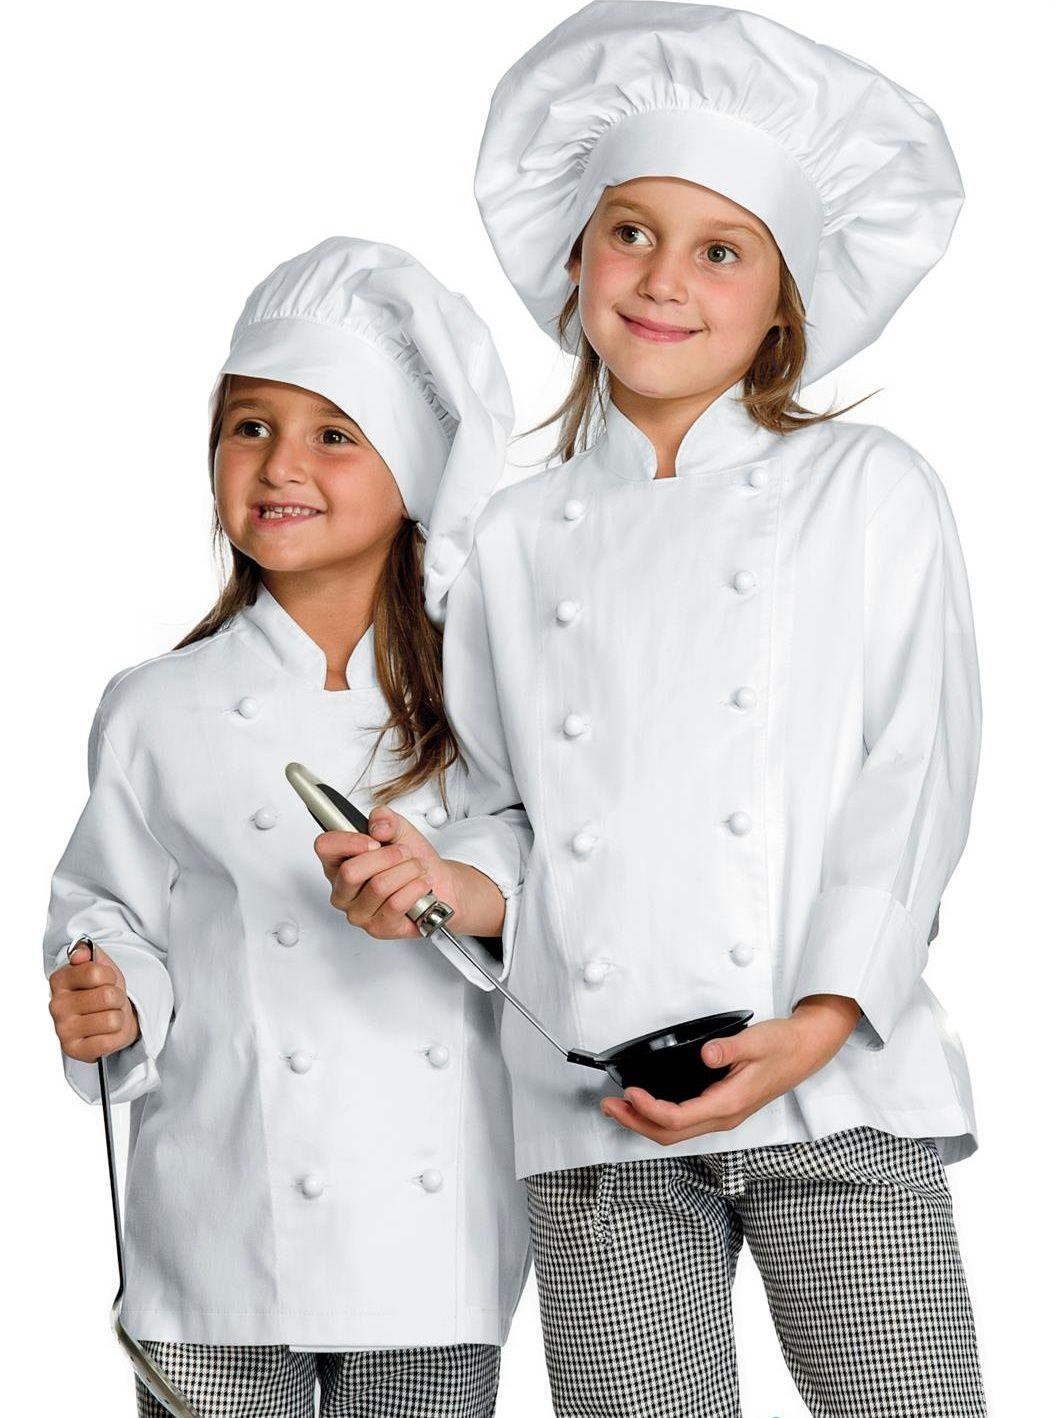 Chaquetilla Chef Infantil Personalizada  c20f46cc27d